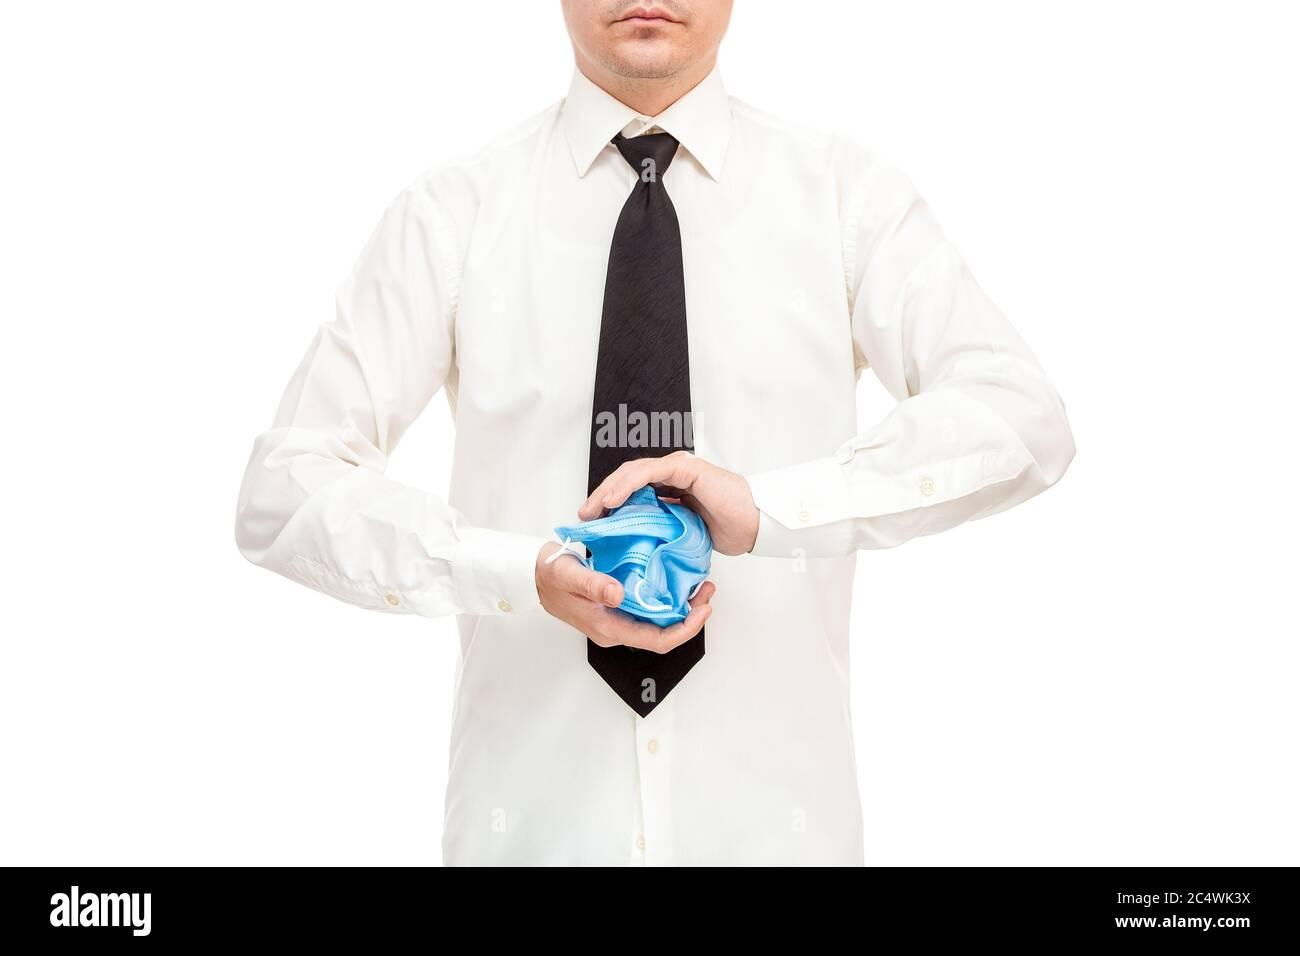 uomo senza volto in camicia bianca e cravatta nera sbriciolato mazzo di maschere mediche inefficaci e inutili nelle sue mani in protesta contro i crisi di quarantena Foto Stock